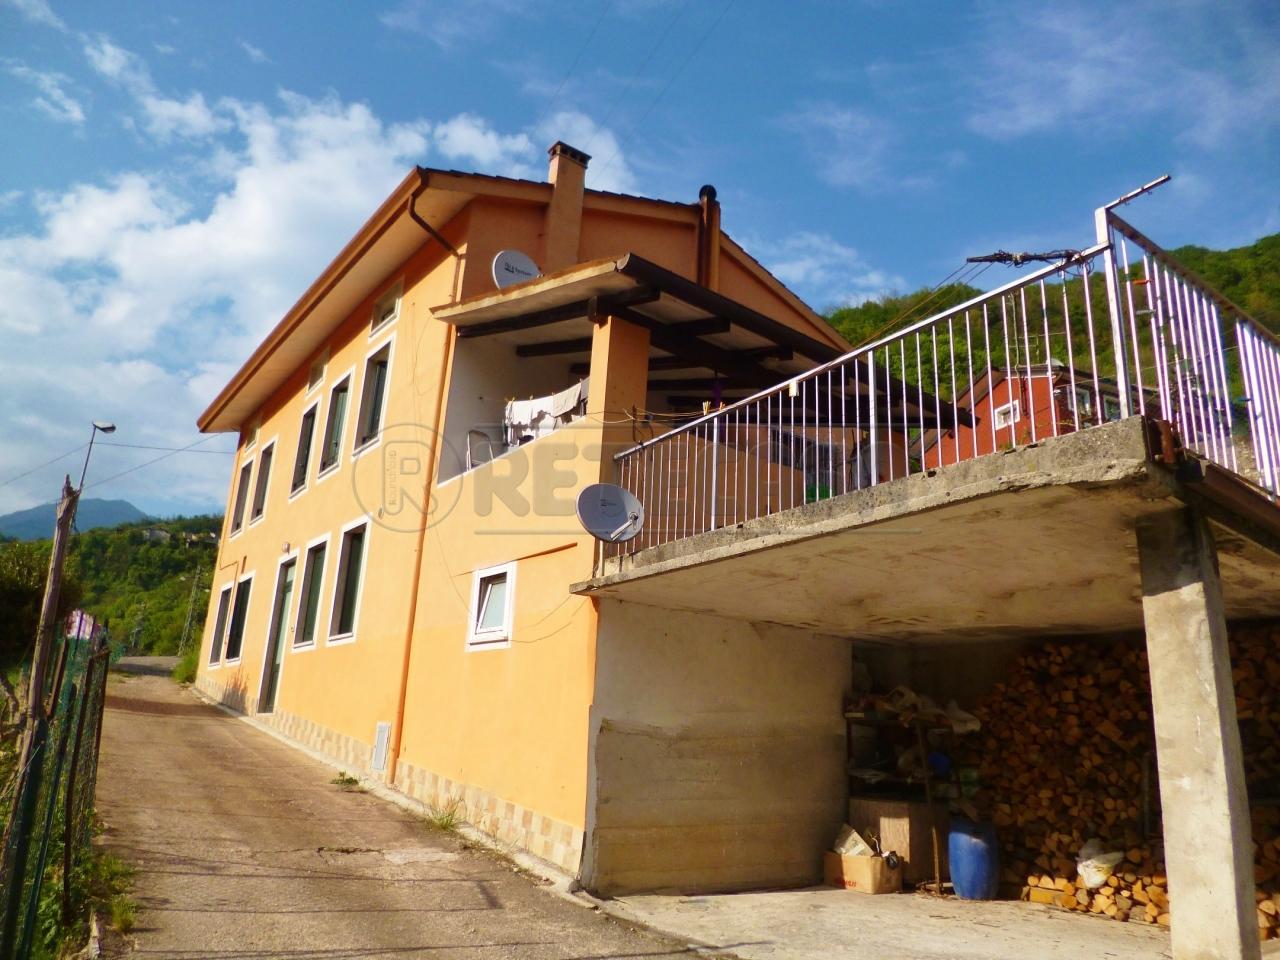 Soluzione Indipendente in vendita a Altissimo, 9999 locali, prezzo € 95.000 | Cambio Casa.it